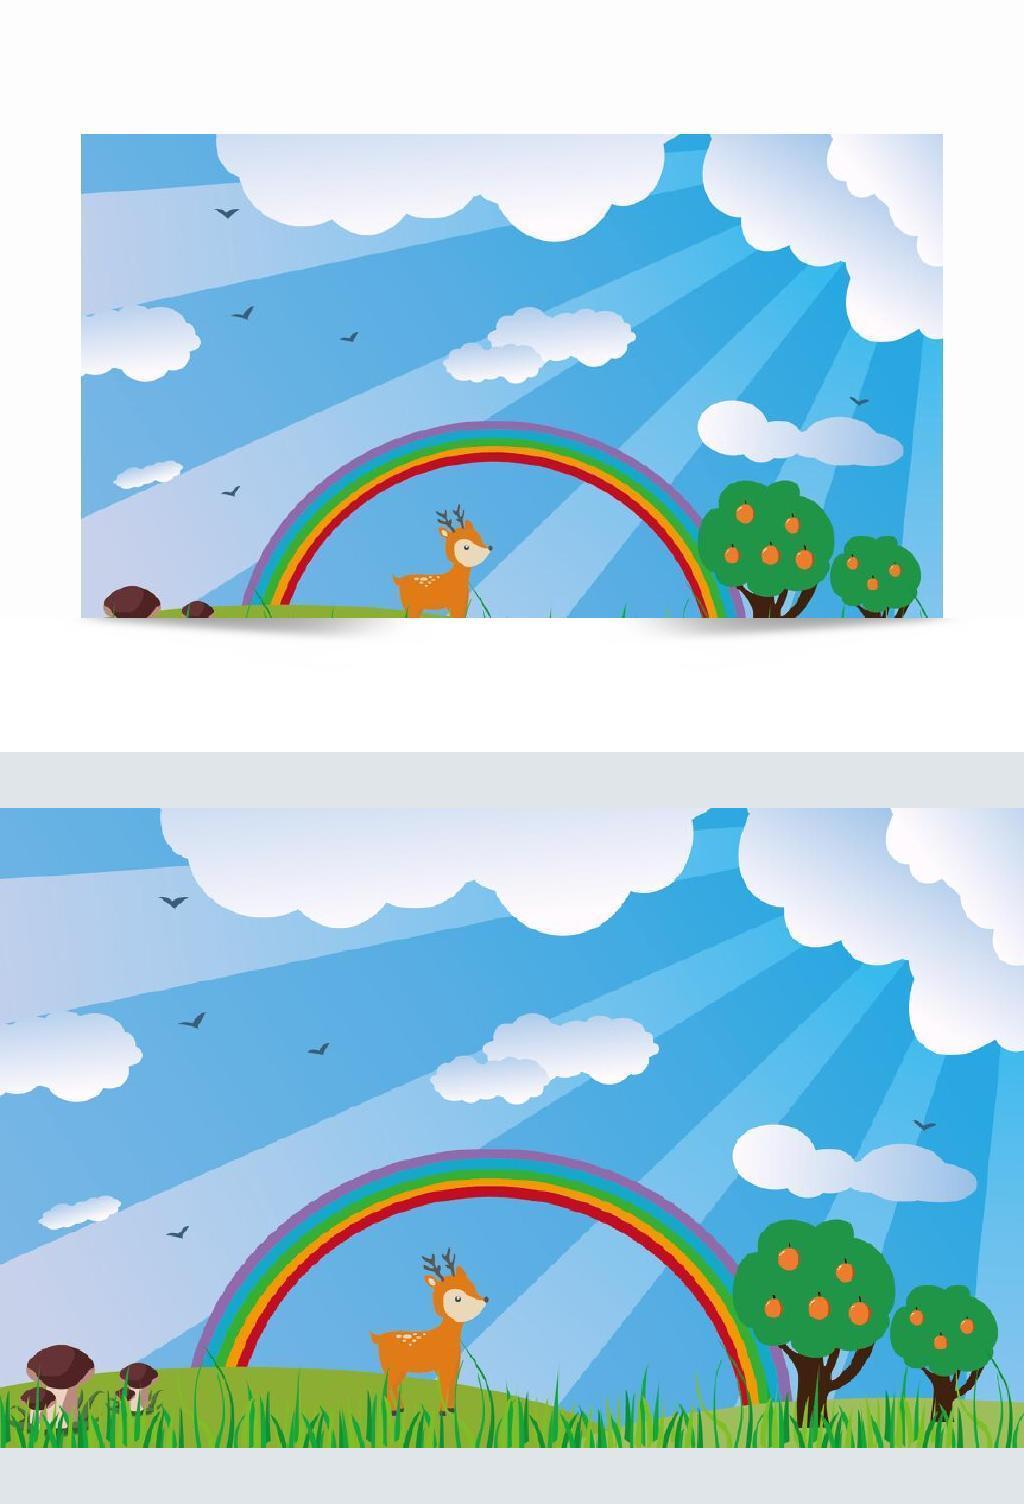 卡通手绘原创蓝天草地场景背景素材